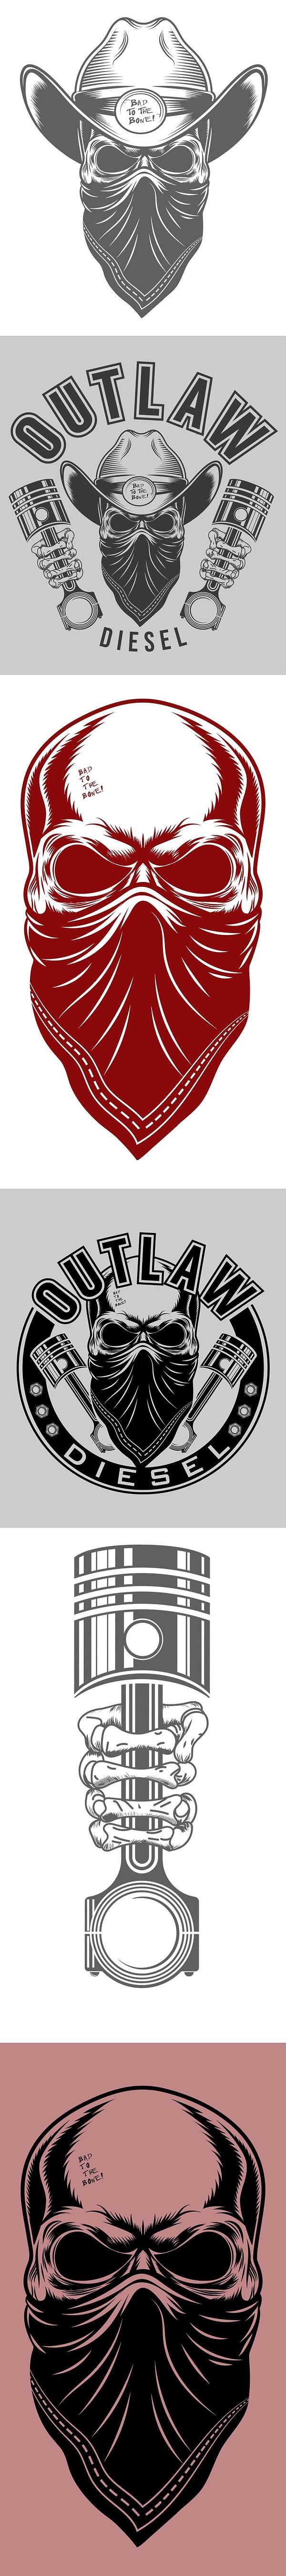 Vertical-Outlaw-Diesel-1.jpg